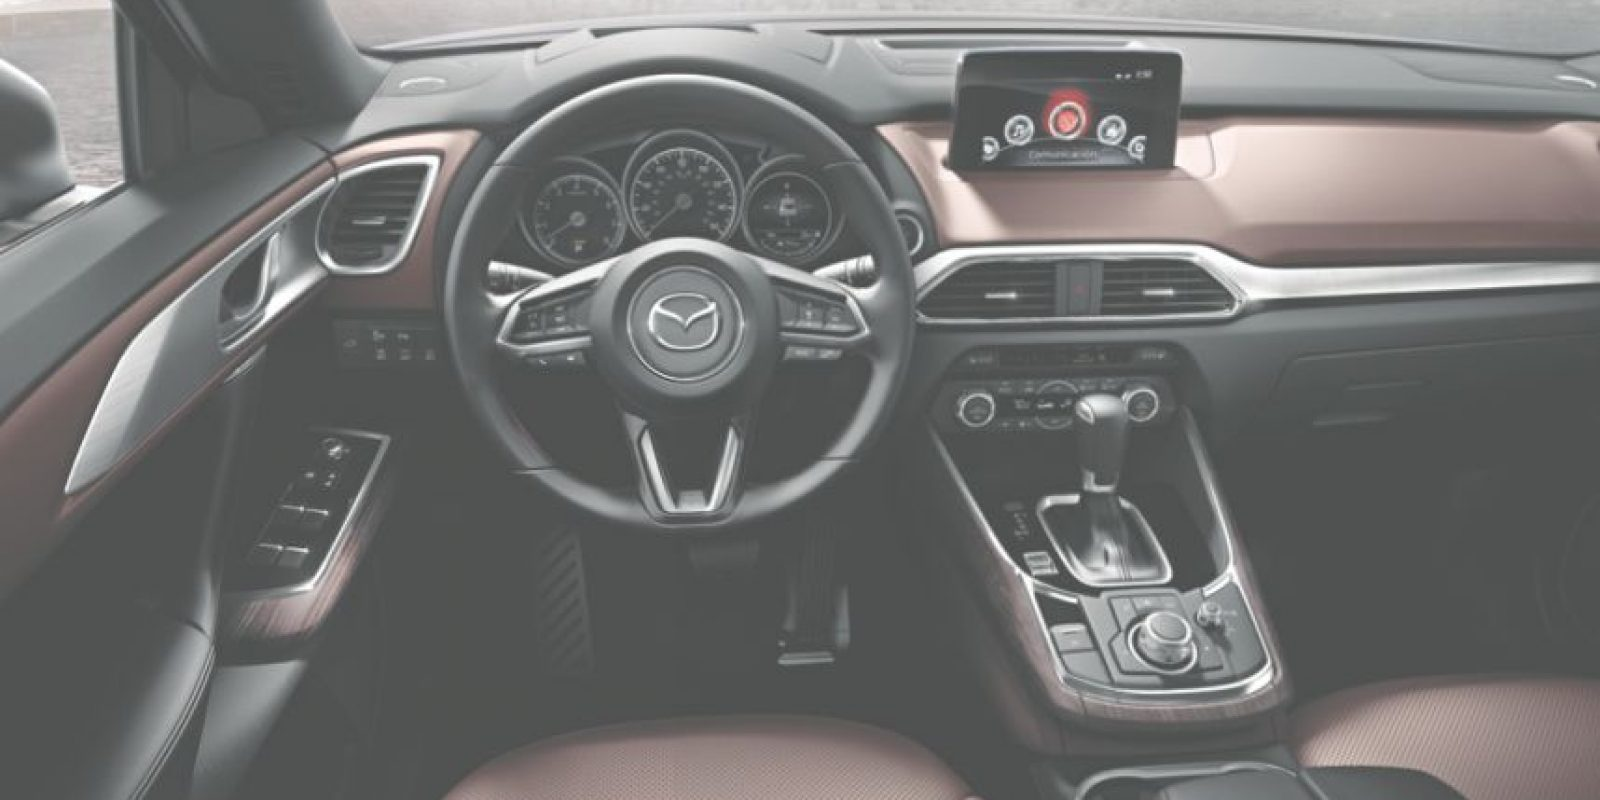 Asientos en piel y calefactados, display multifunciones en el cristal, sietepasajeros, climatizador delantero y trasero y conectividad con teléfonosinteligentes Foto:Mazda